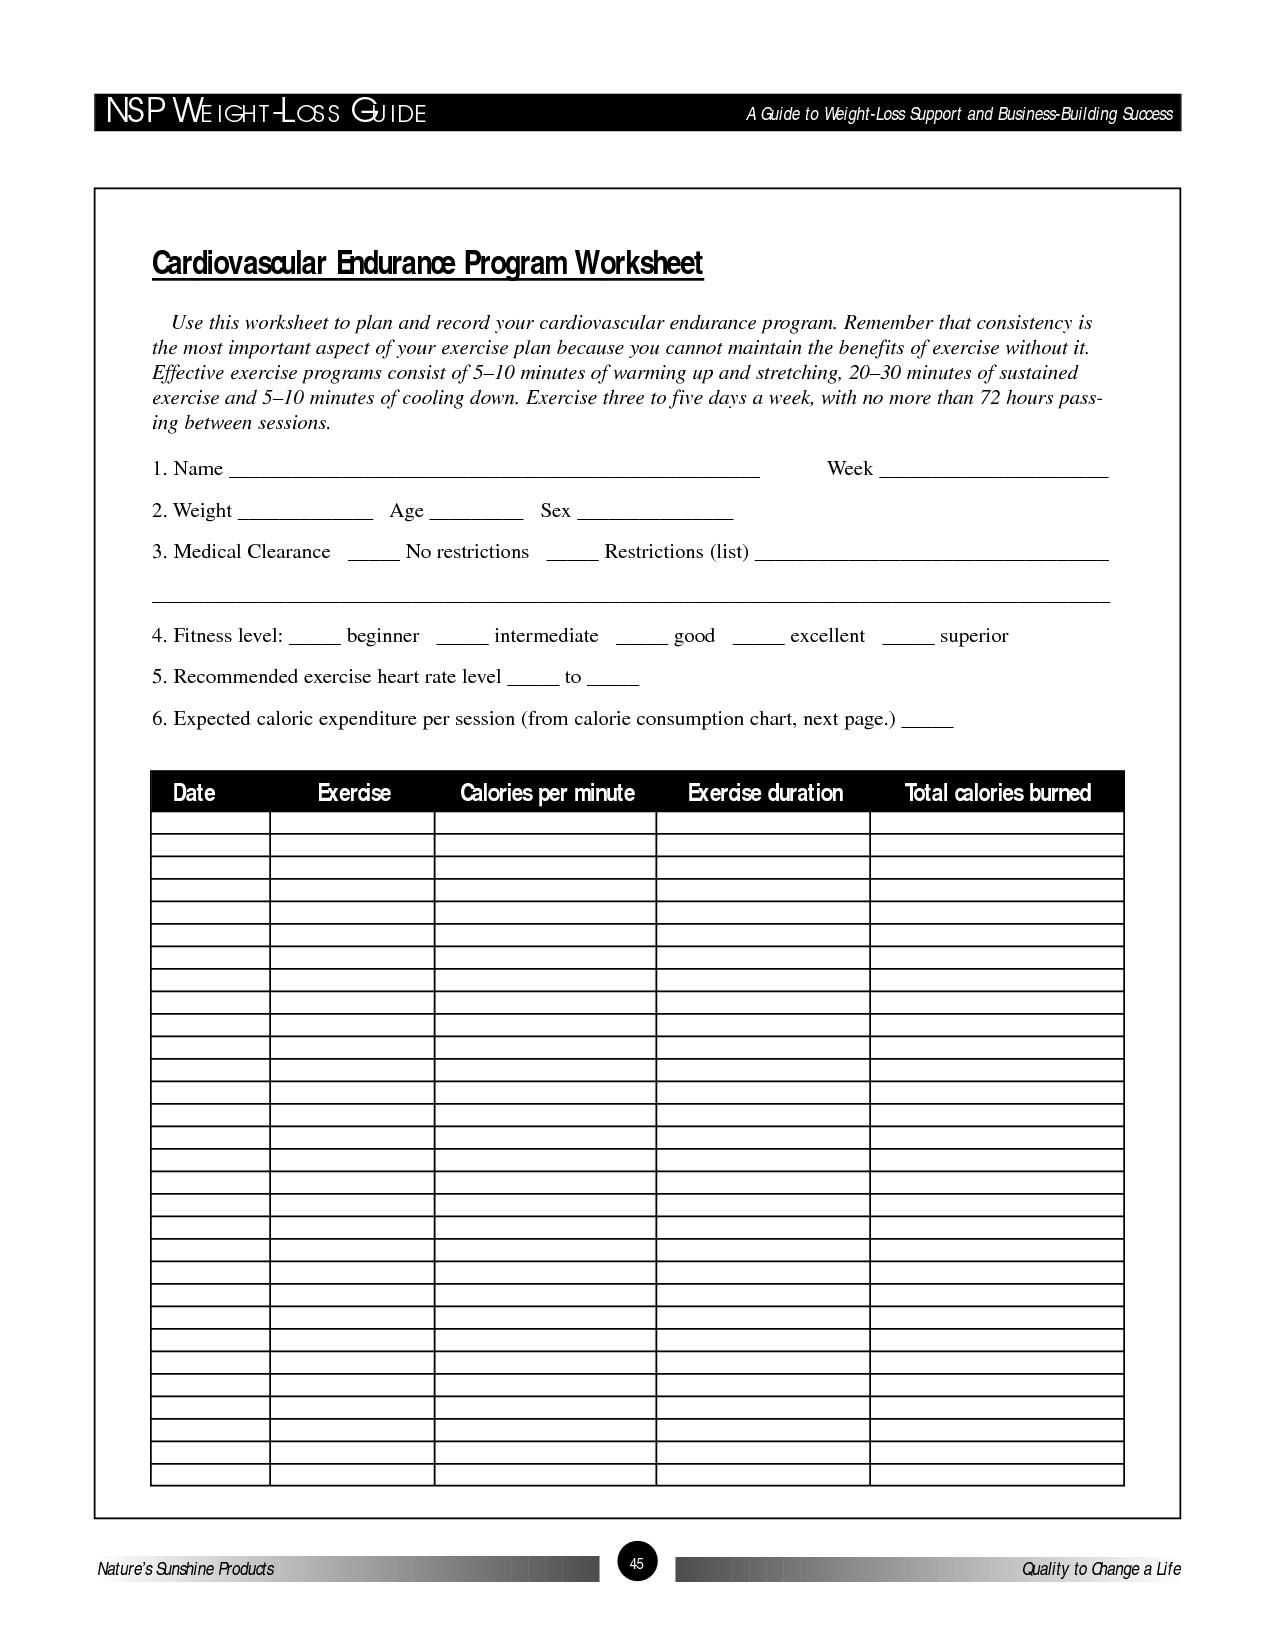 Nsp WeightLoss Guide Cardiovascular Endurance Program Worksheet